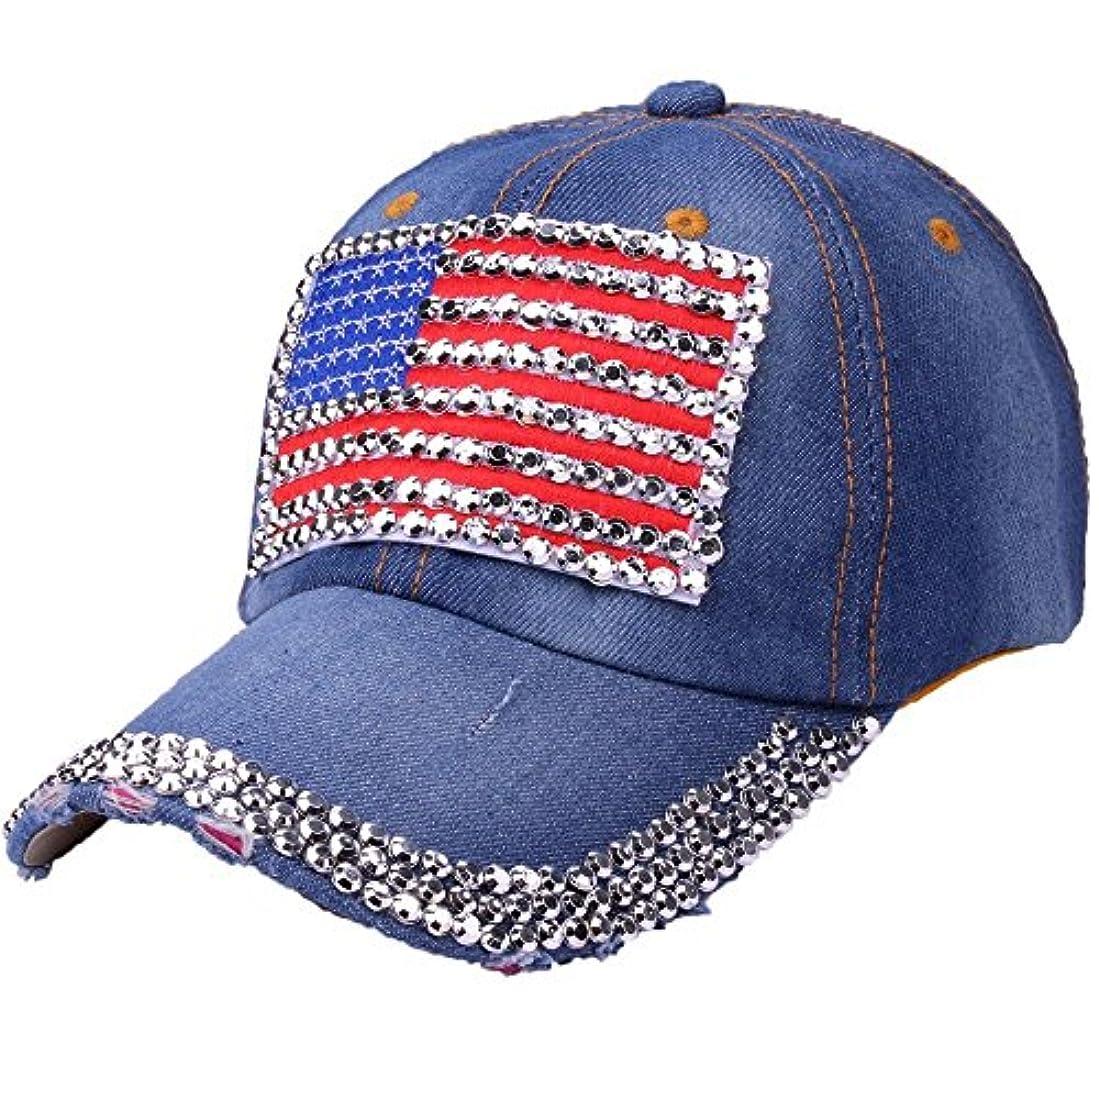 落ちた運動する動作Racazing Cap カウボーイ 野球帽 ヒップホップ 通気性のある ラインストーン 帽子 夏 登山 アメリカの旗 可調整可能 棒球帽 男女兼用 UV 帽子 軽量 屋外 ジーンズ Unisex Cap (C)